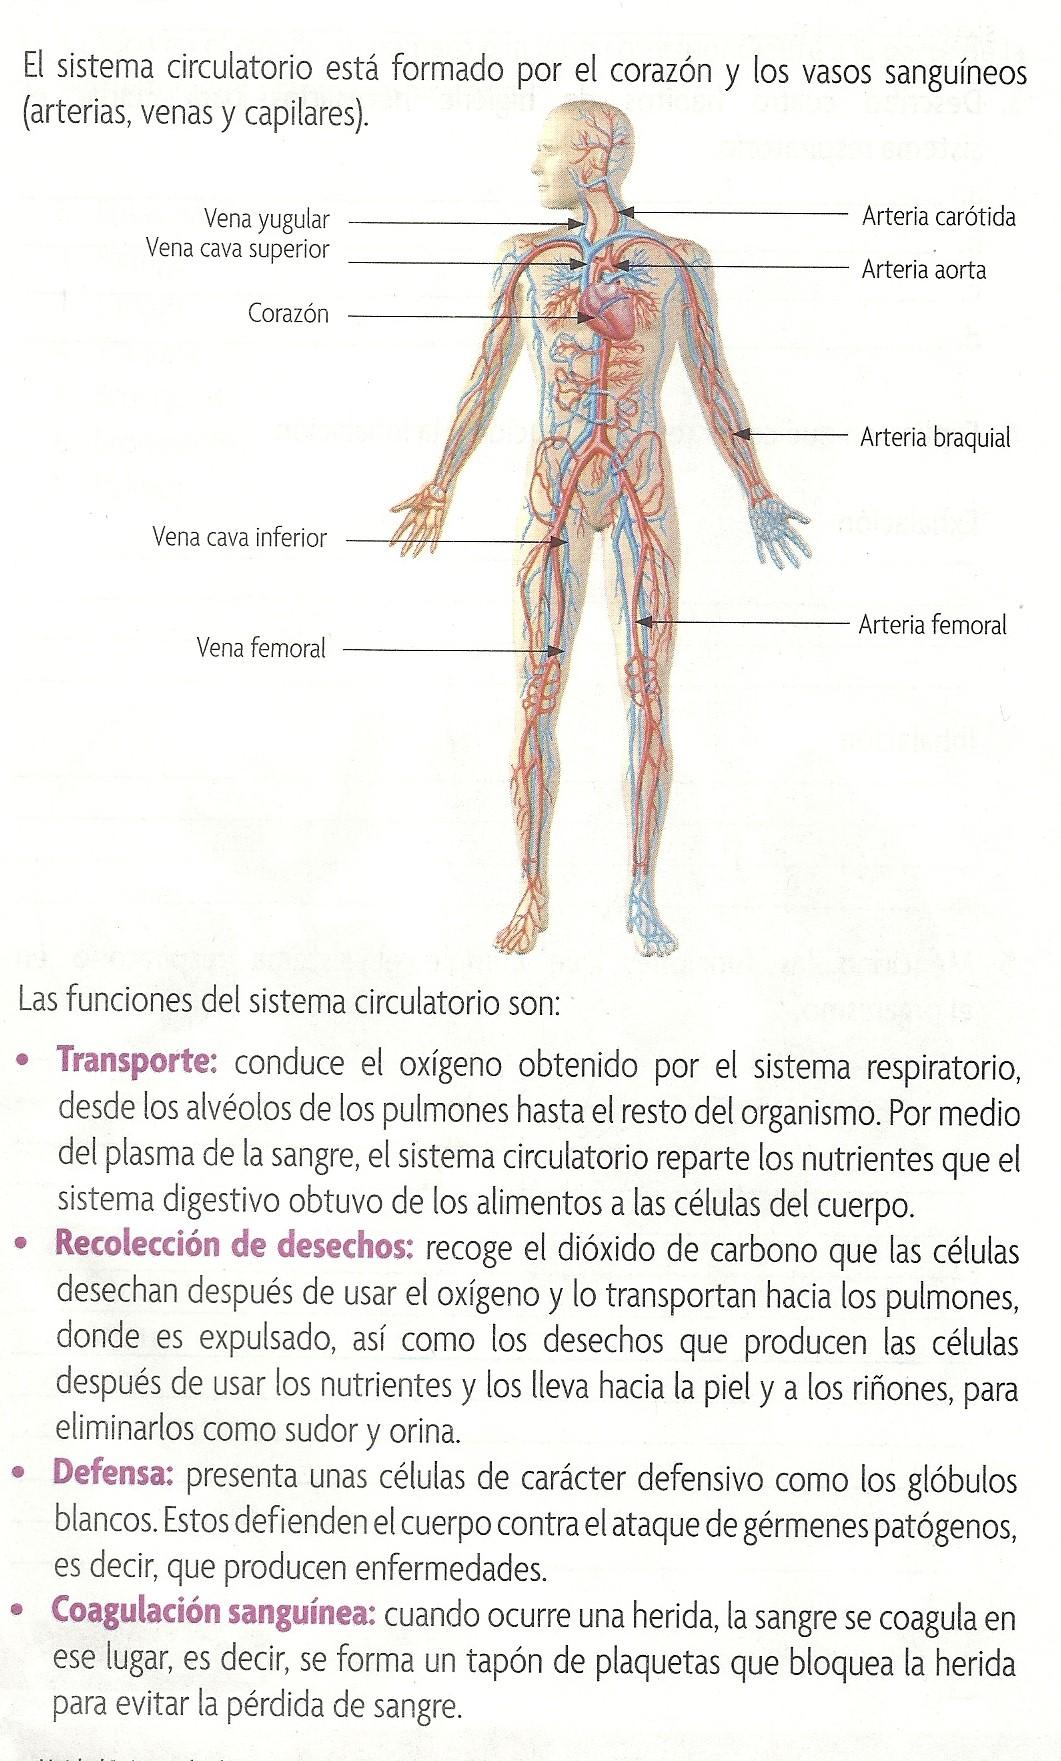 Dorable Vena Braquial Composición - Imágenes de Anatomía Humana ...